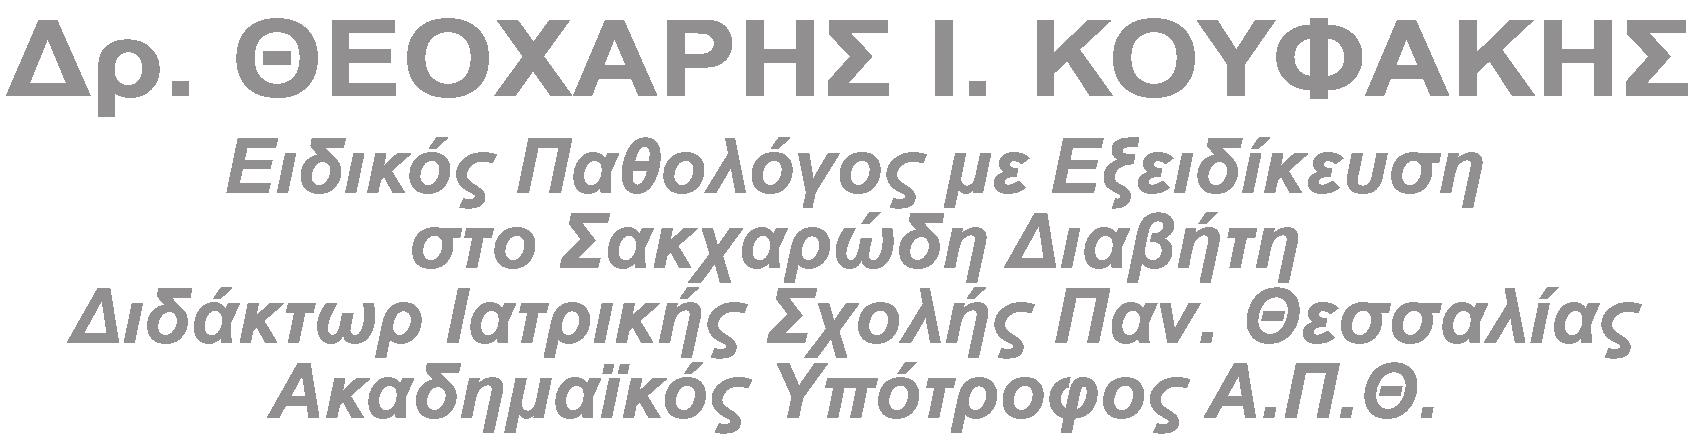 Δρ. Κουφάκης Ι. Θεοχάρης - Παθολόγος στη Λάρισα